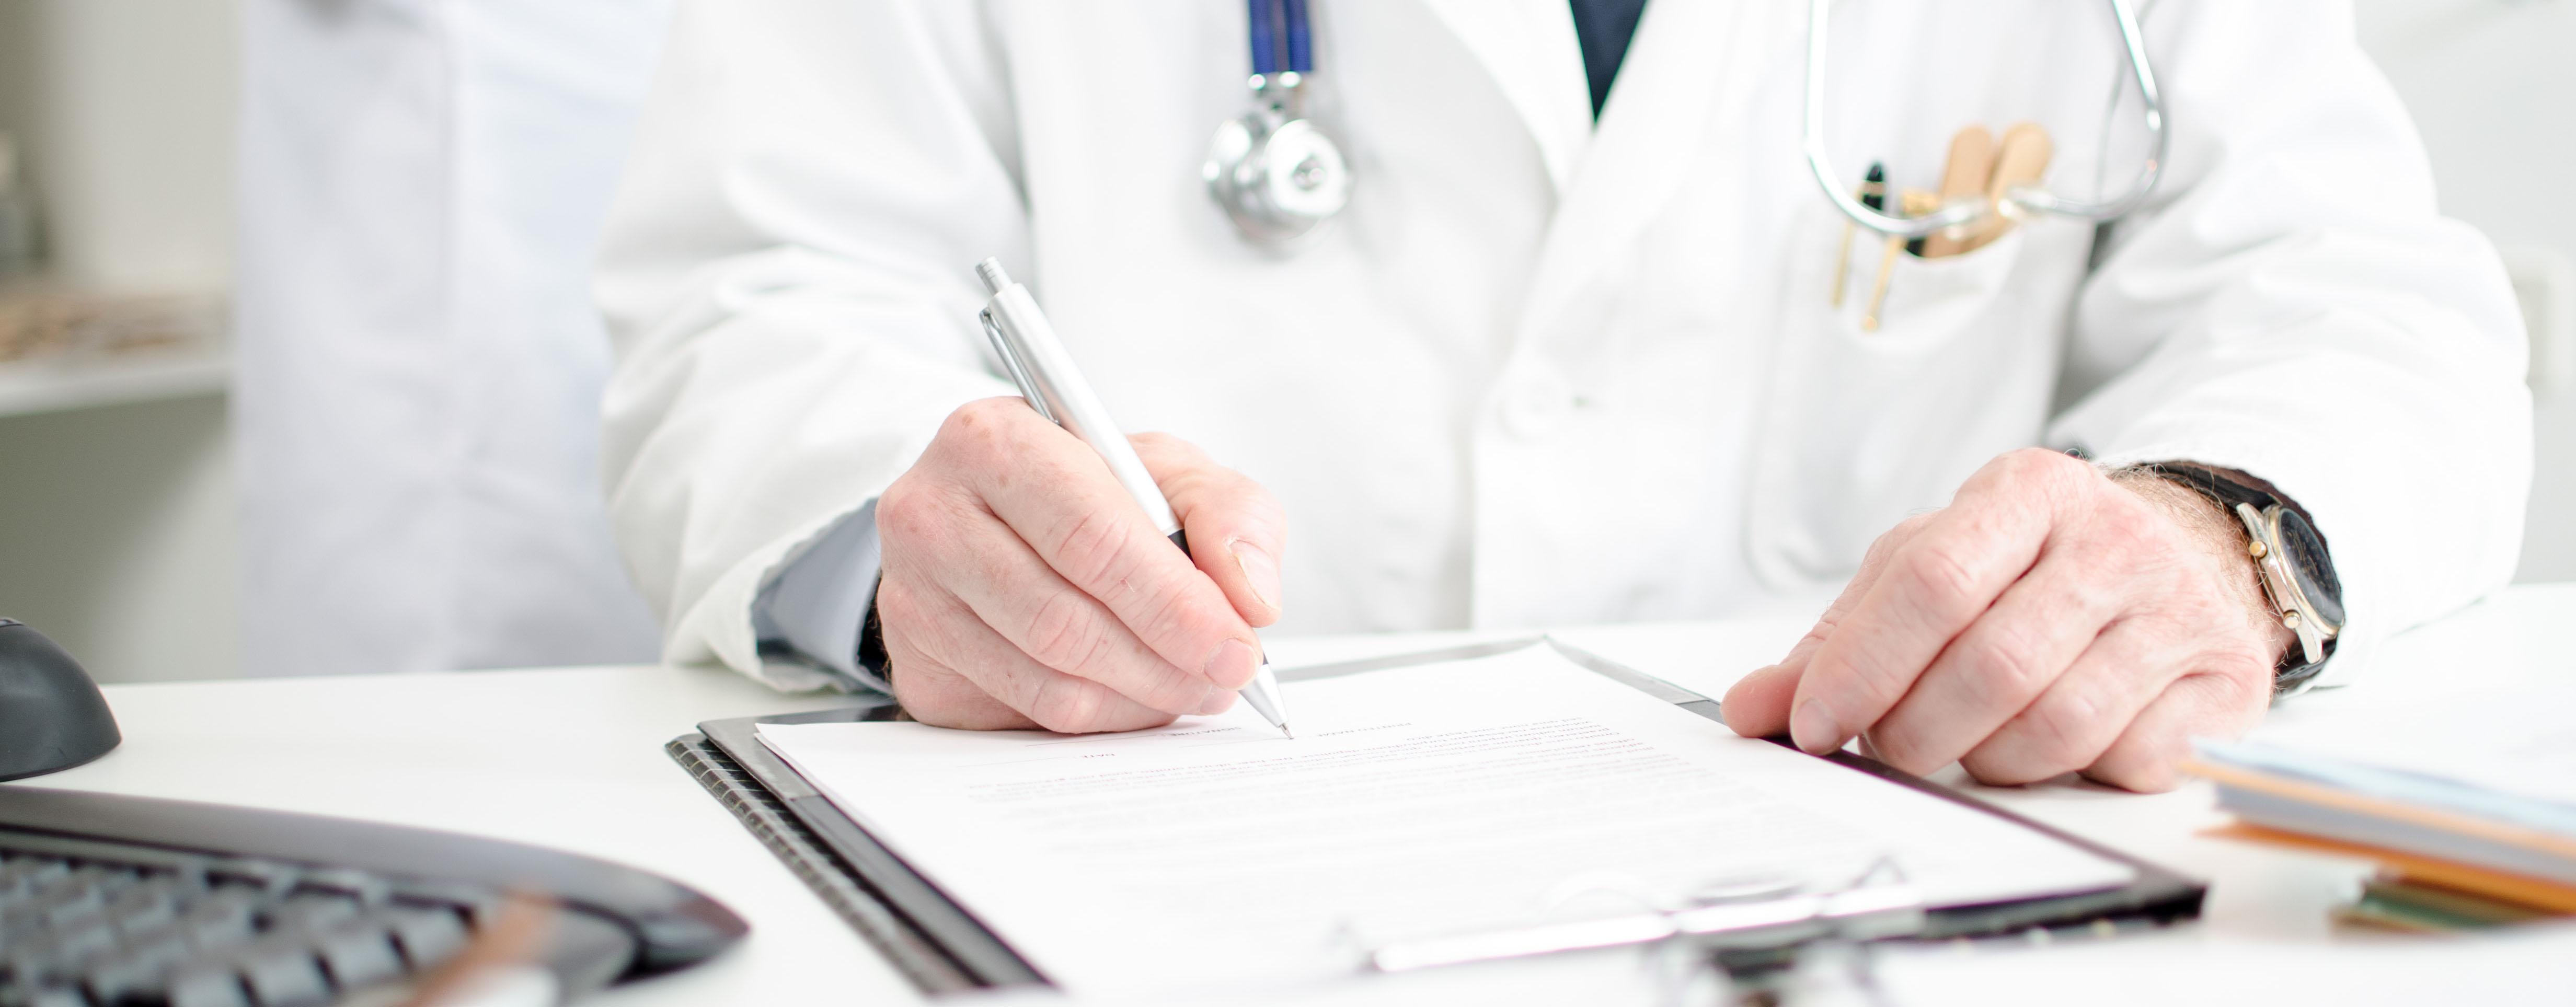 Pembrolizumabe para o câncer de rim: plano de saúde deve cobrir